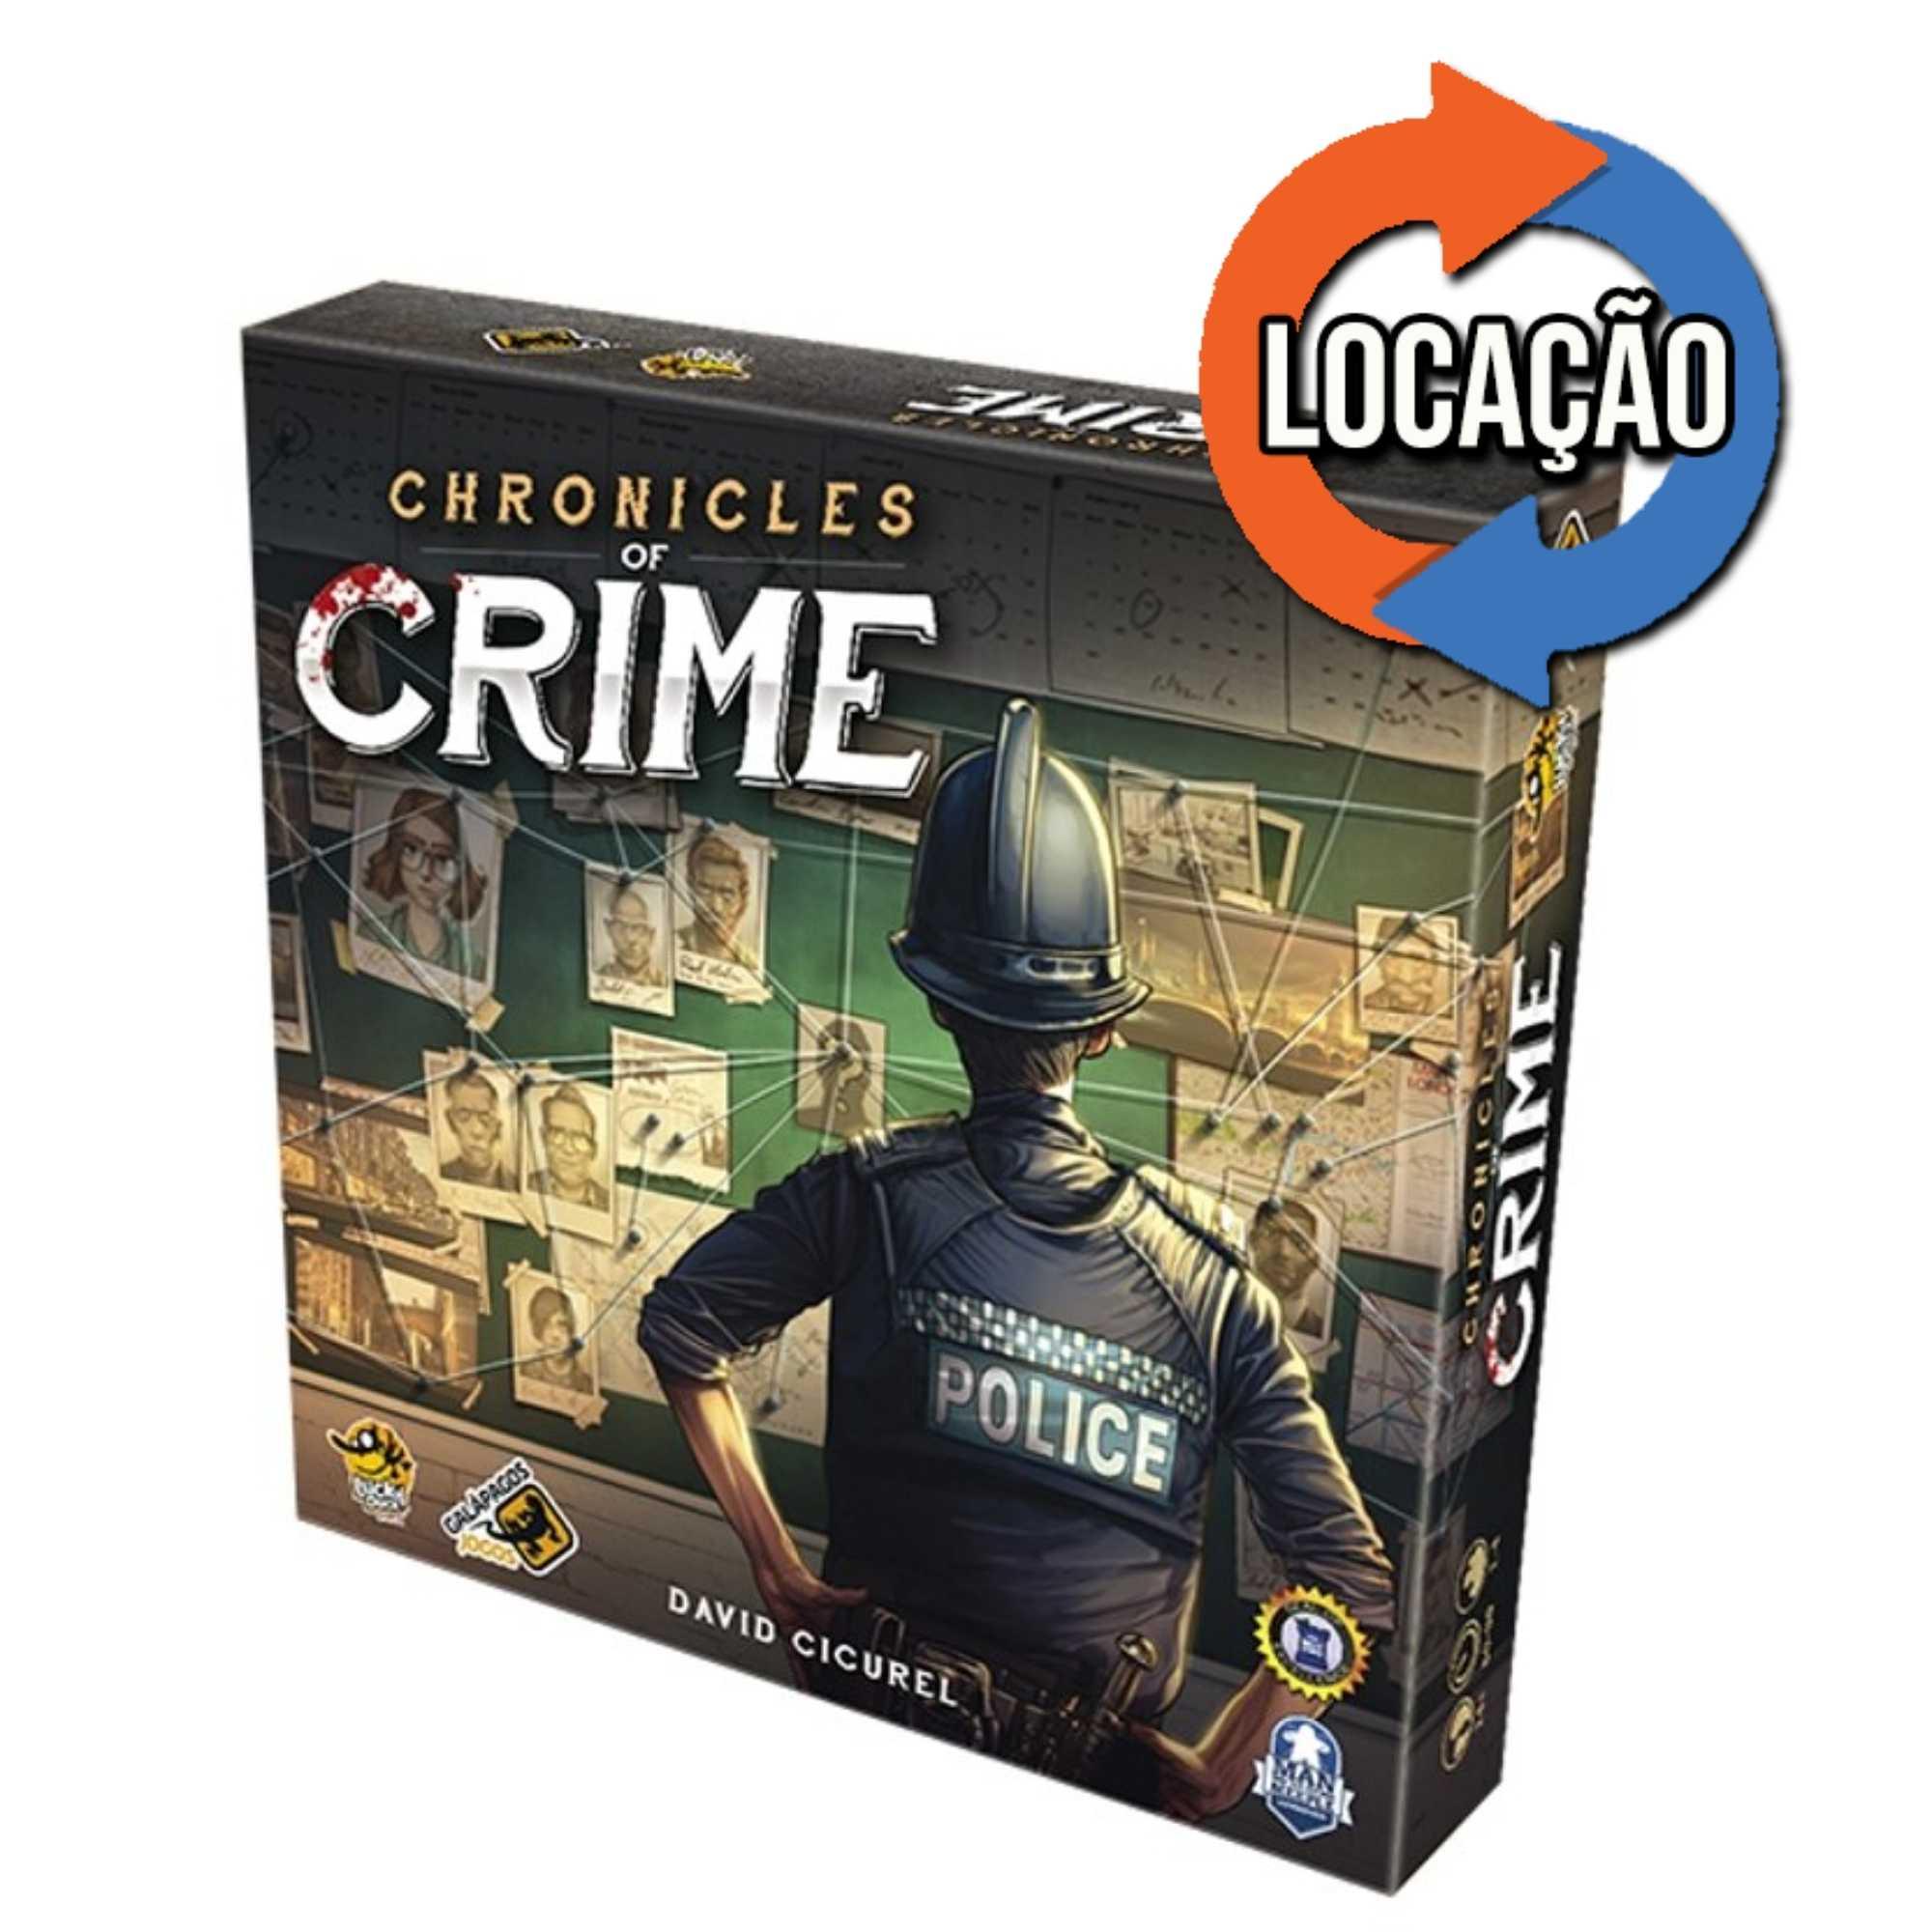 Chronicles of Crime (Locação)